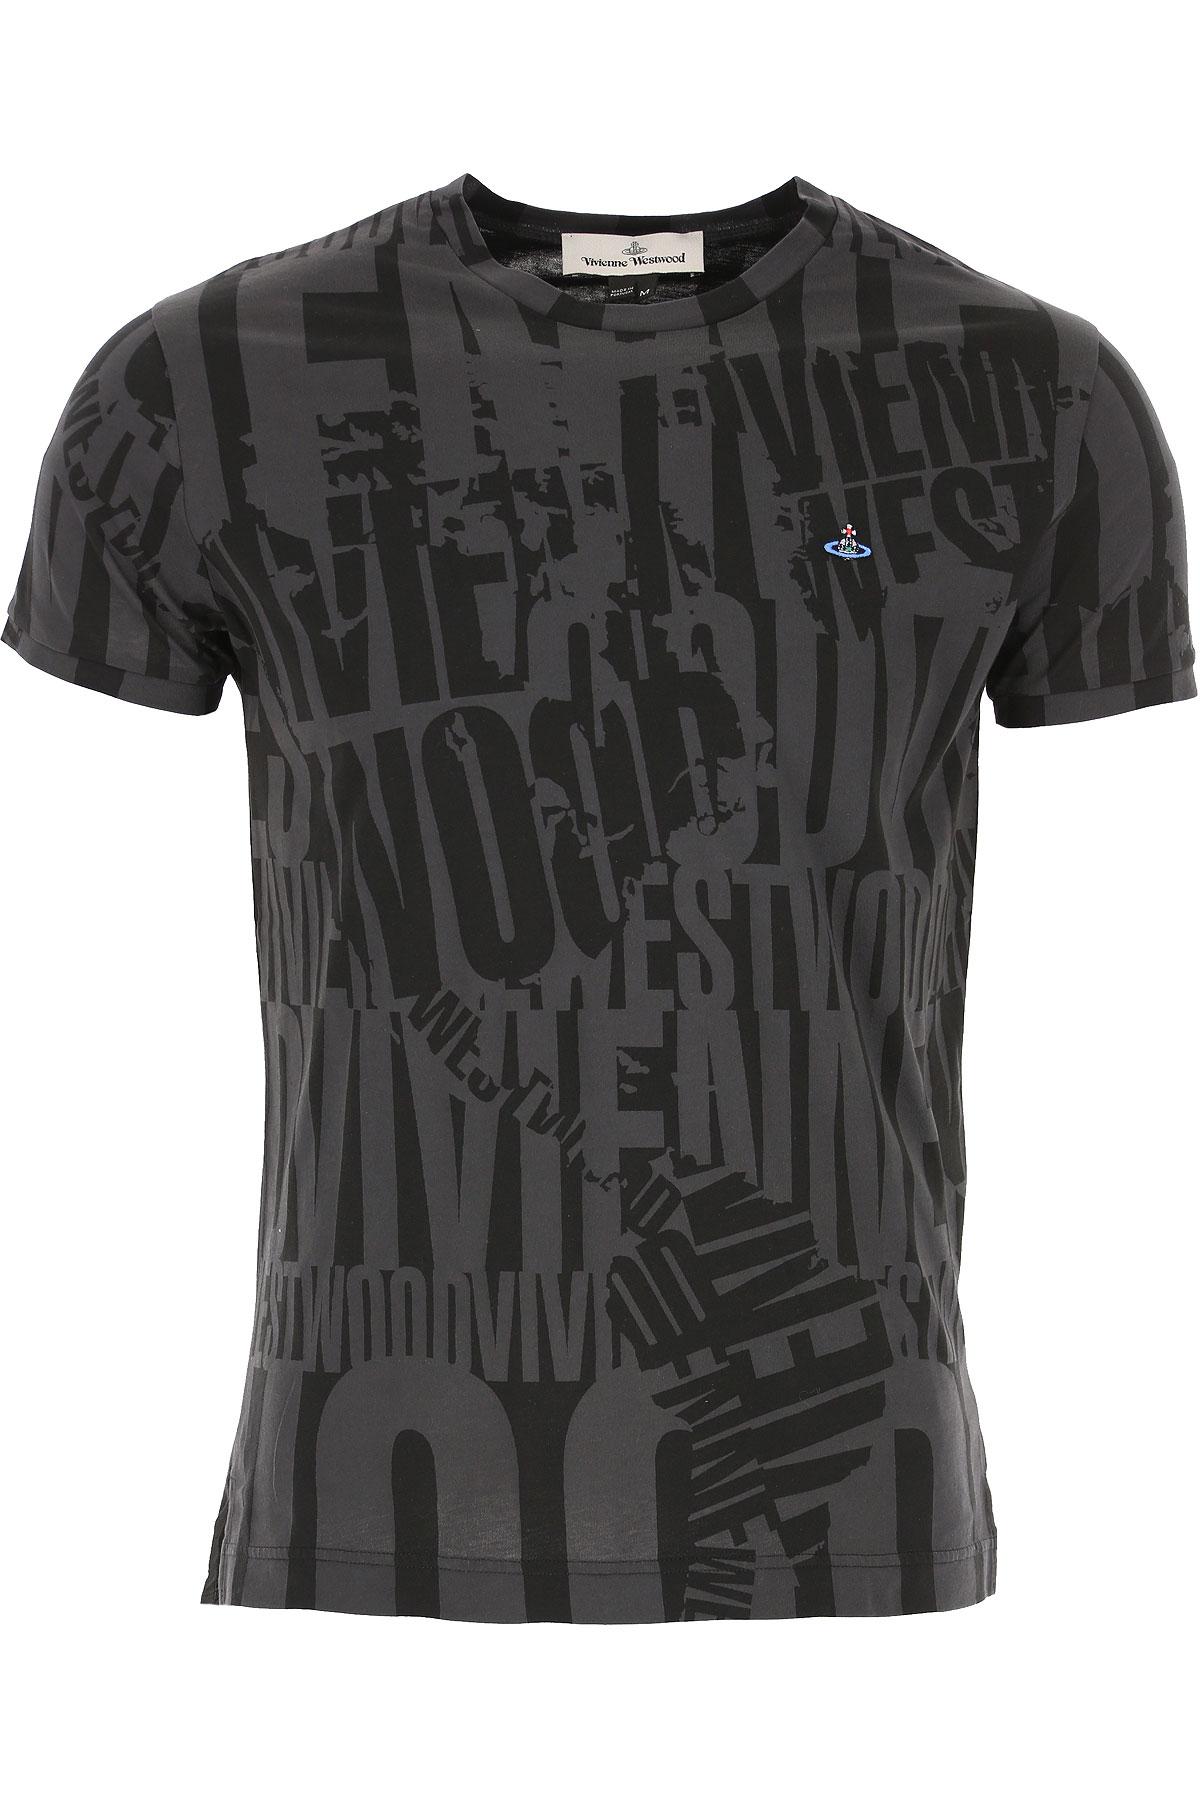 Vivienne Westwood T-shirt Homme Pas Cher En Soldes Outlet, Noir, Coton, 2019, L M S XS